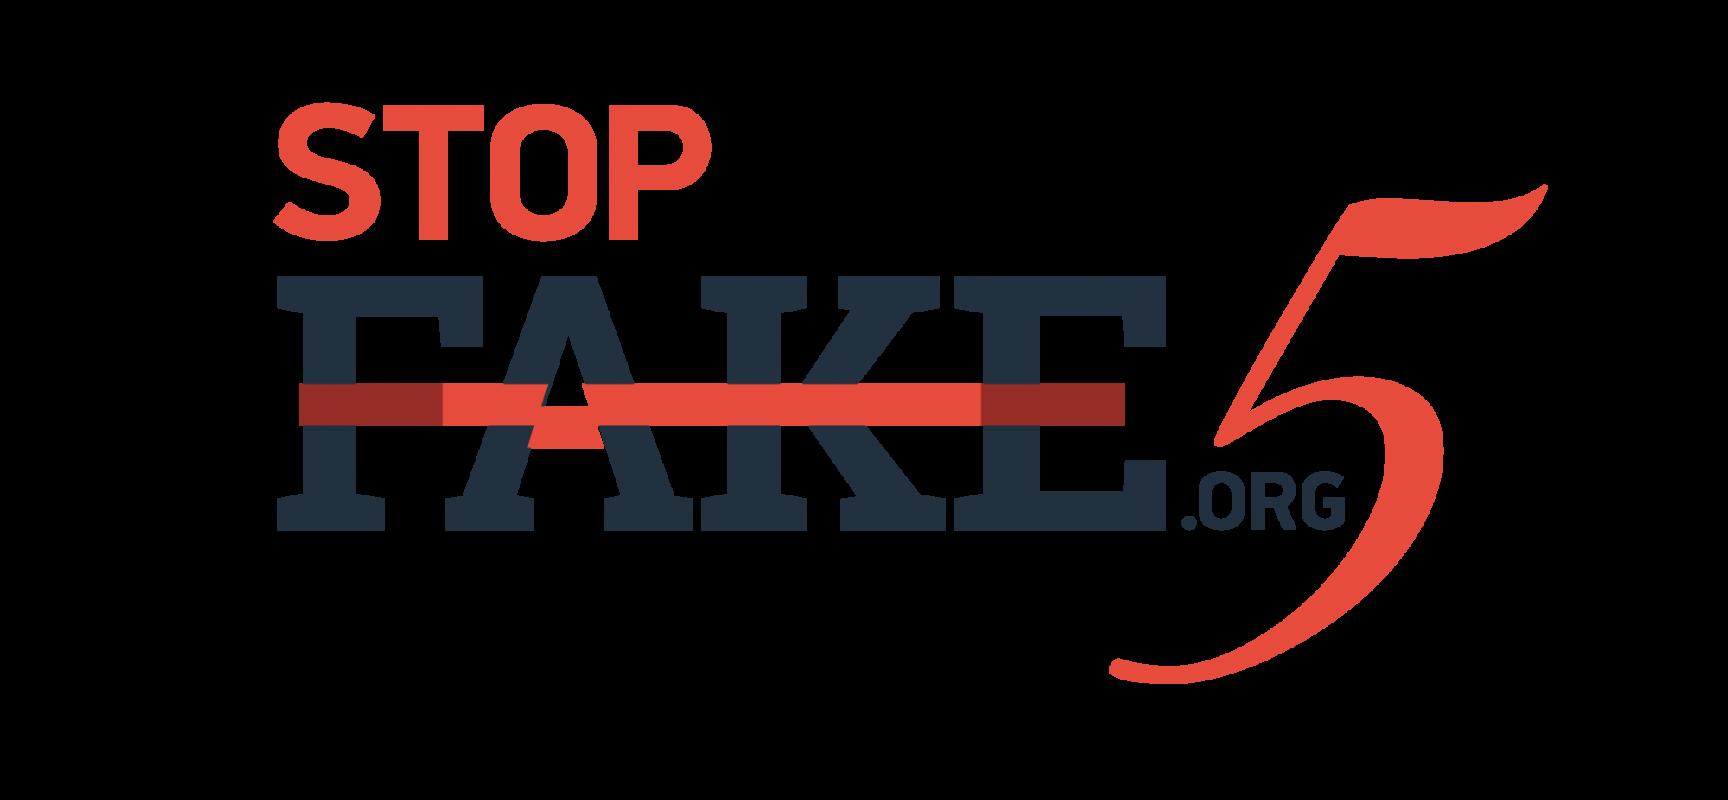 Яки фейки спростував StopFake за 5 років свого існування